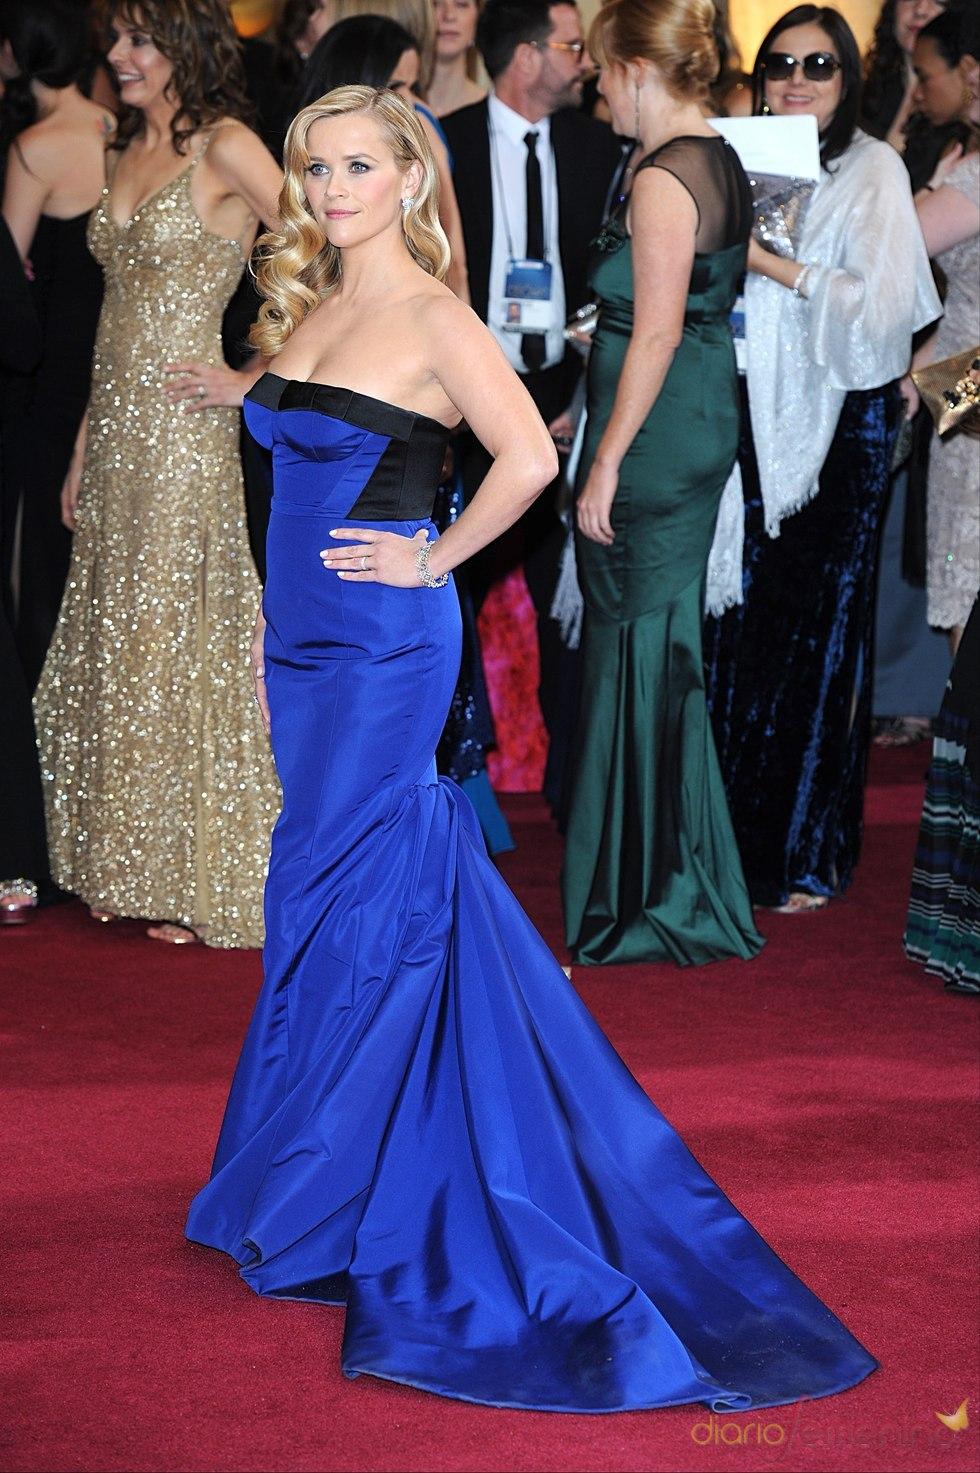 Reese Witherspoon de Louis Vuitton en la alfombra roja de los Oscars 2013